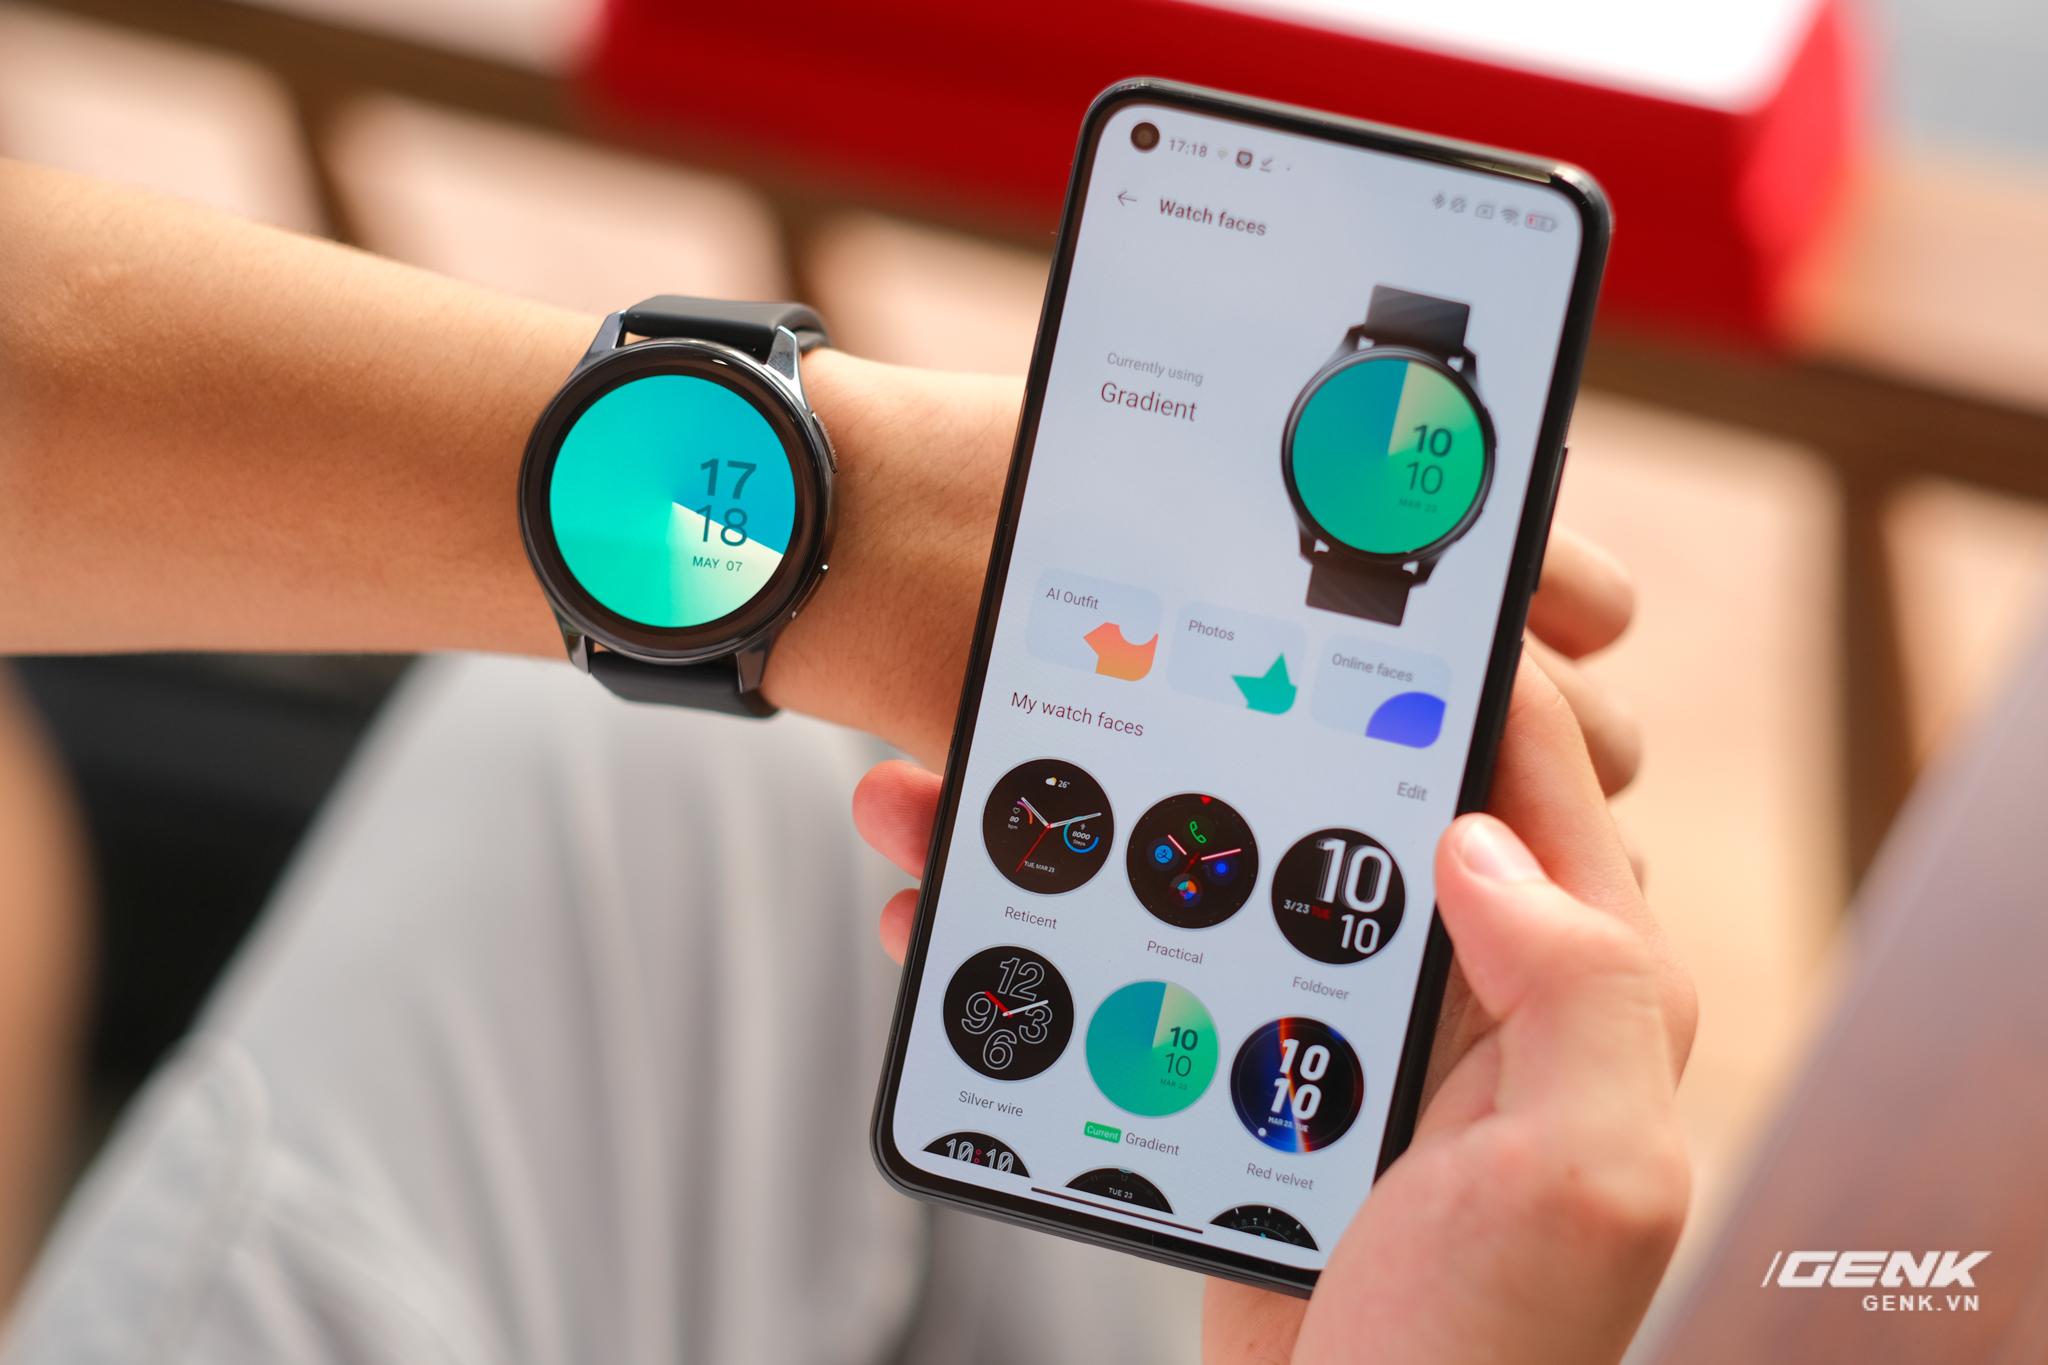 Trên tay và trải nghiệm nhanh OnePlus Watch: Thiết kế phổ thông, không dành cho người dùng nữ, có đo SpO2, pin 2 tuần, giá 4.2 triệu - Ảnh 9.